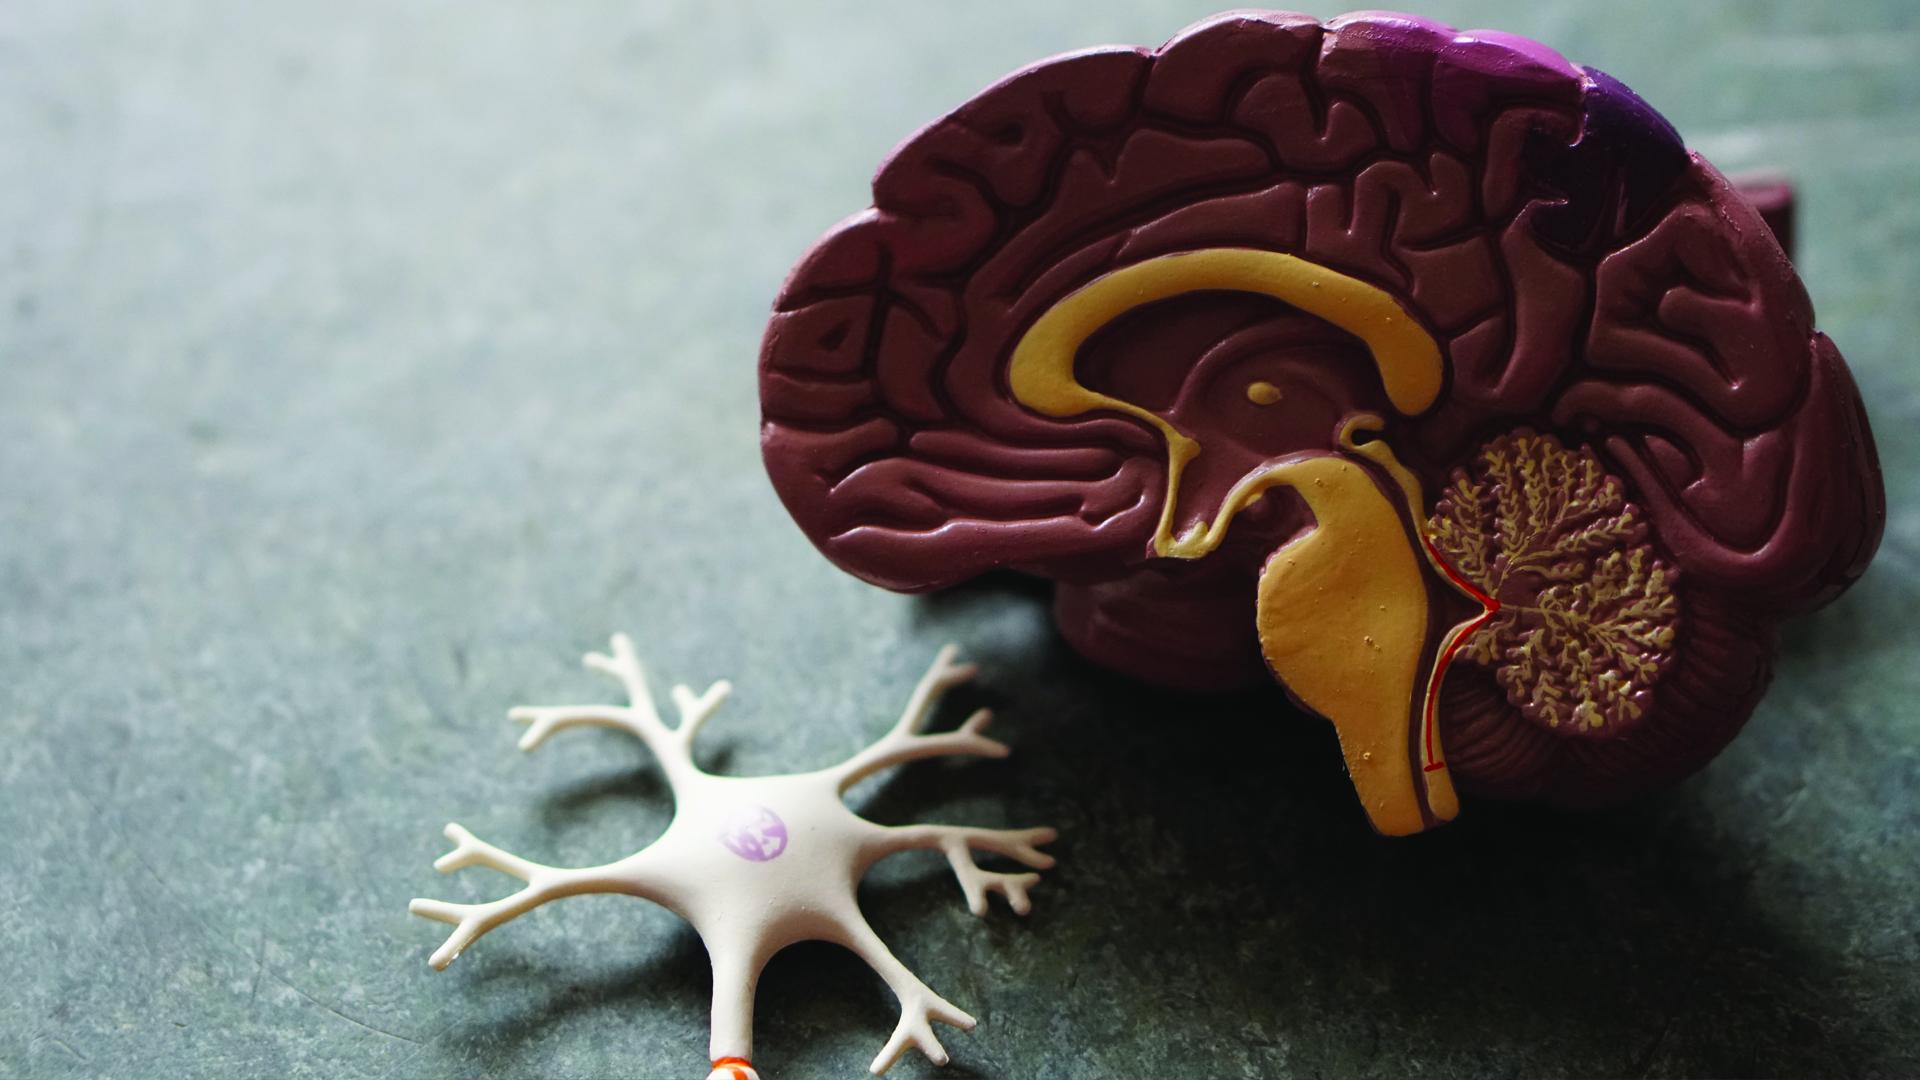 Asocian COVID-19 con un aumento de biomarcadores del alzheimer en sangre. Foto de Robina Weermeijer para Unsplash